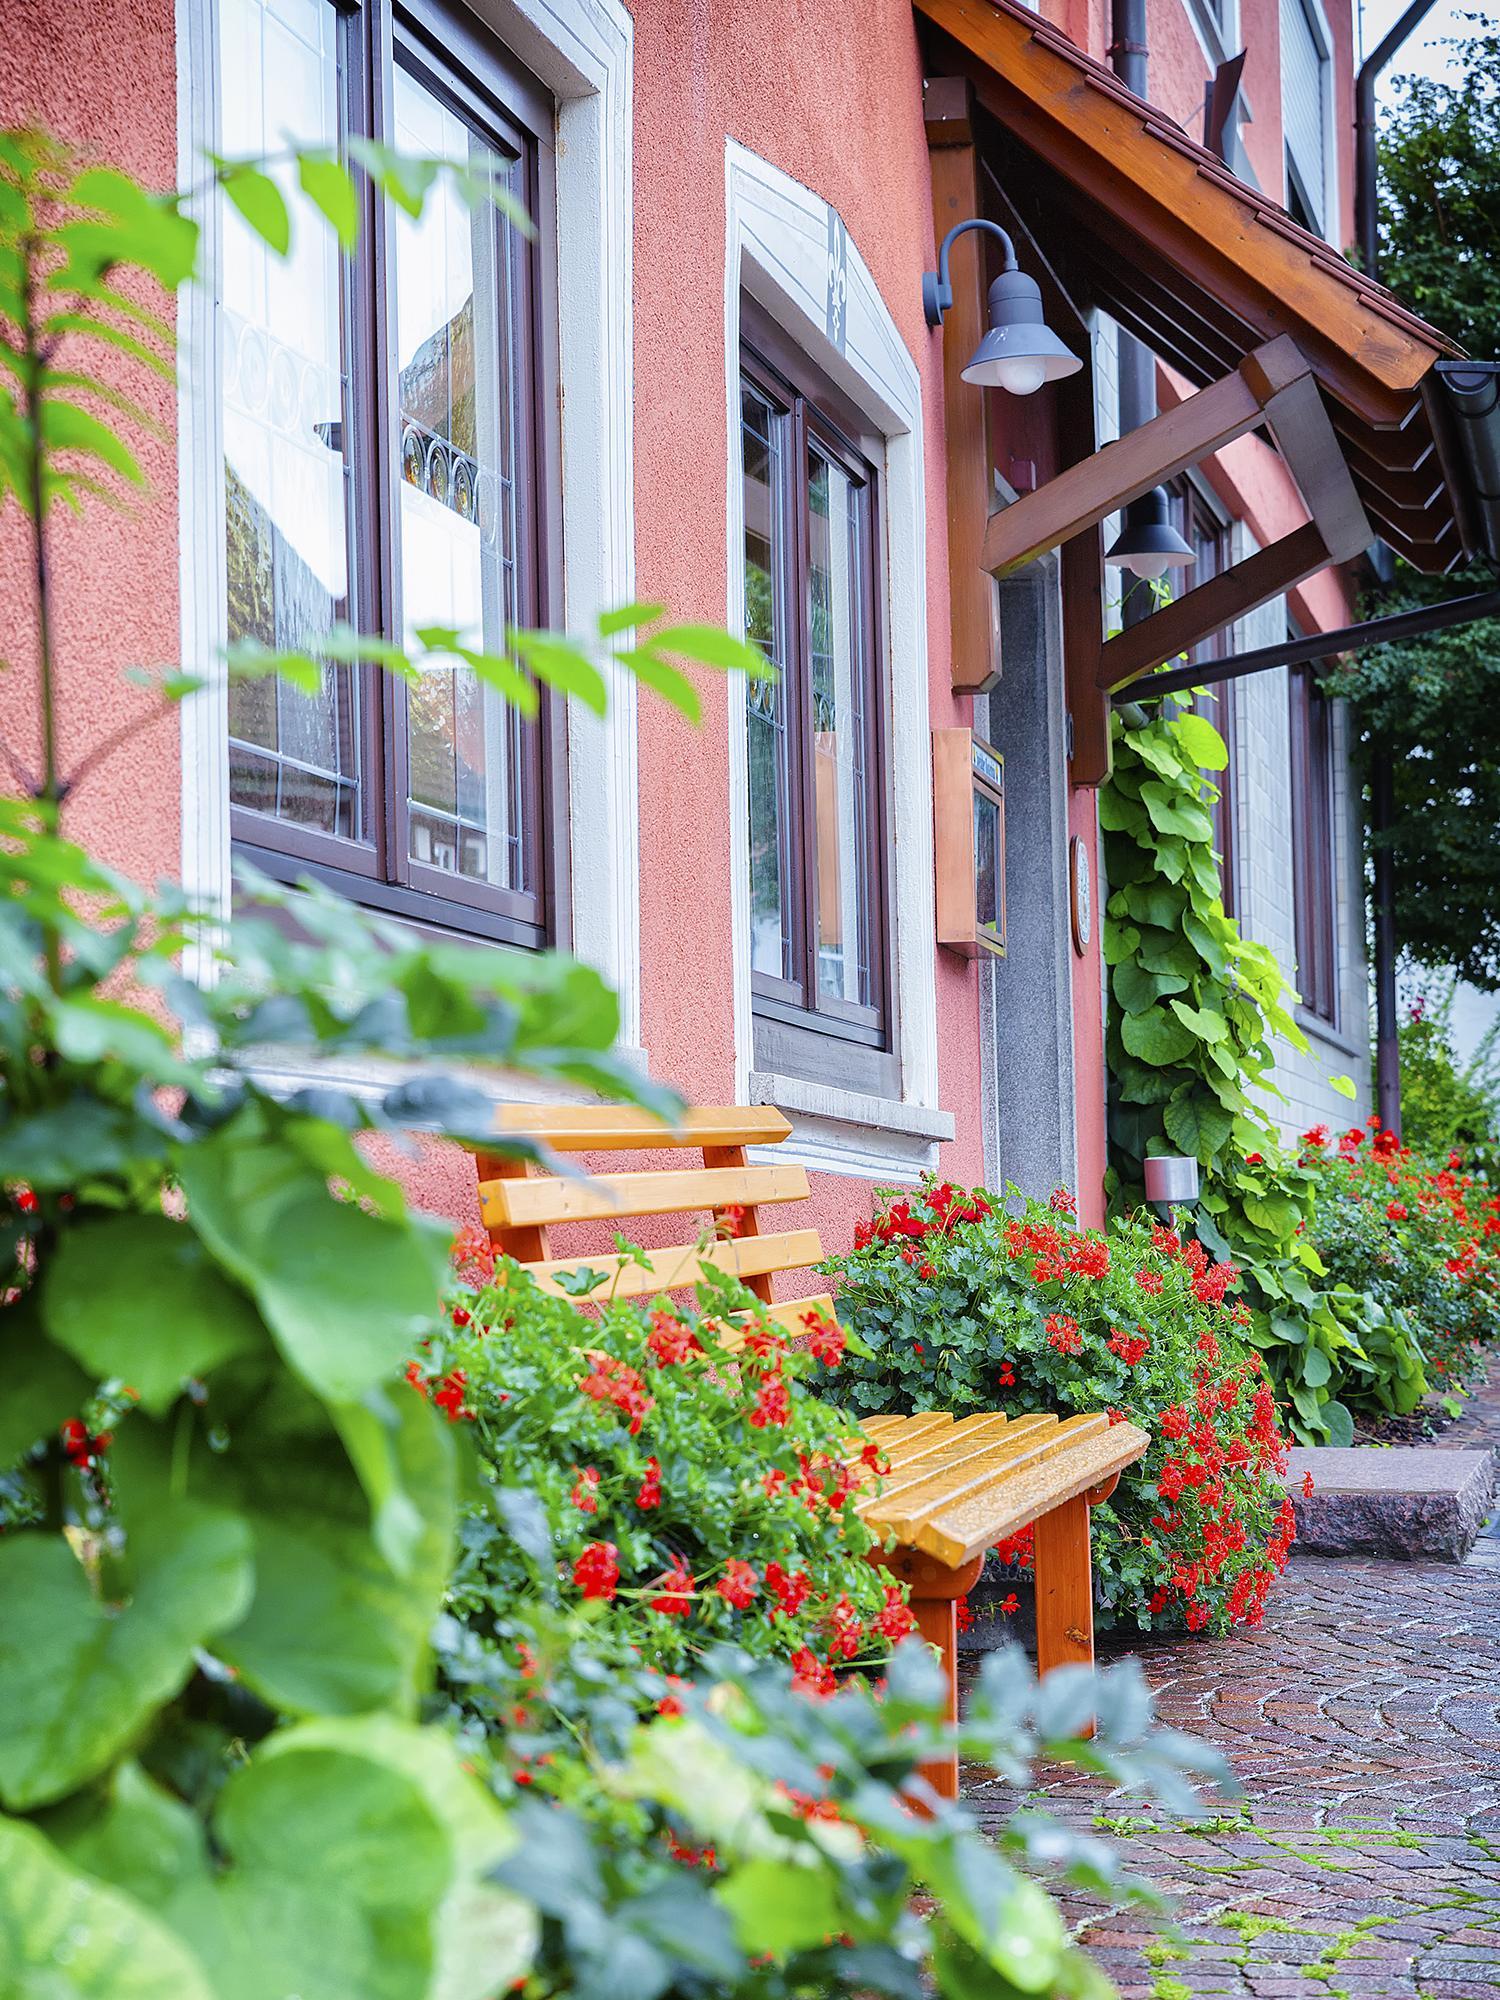 Essen & Übernachten Gemeinde Langenenslingen